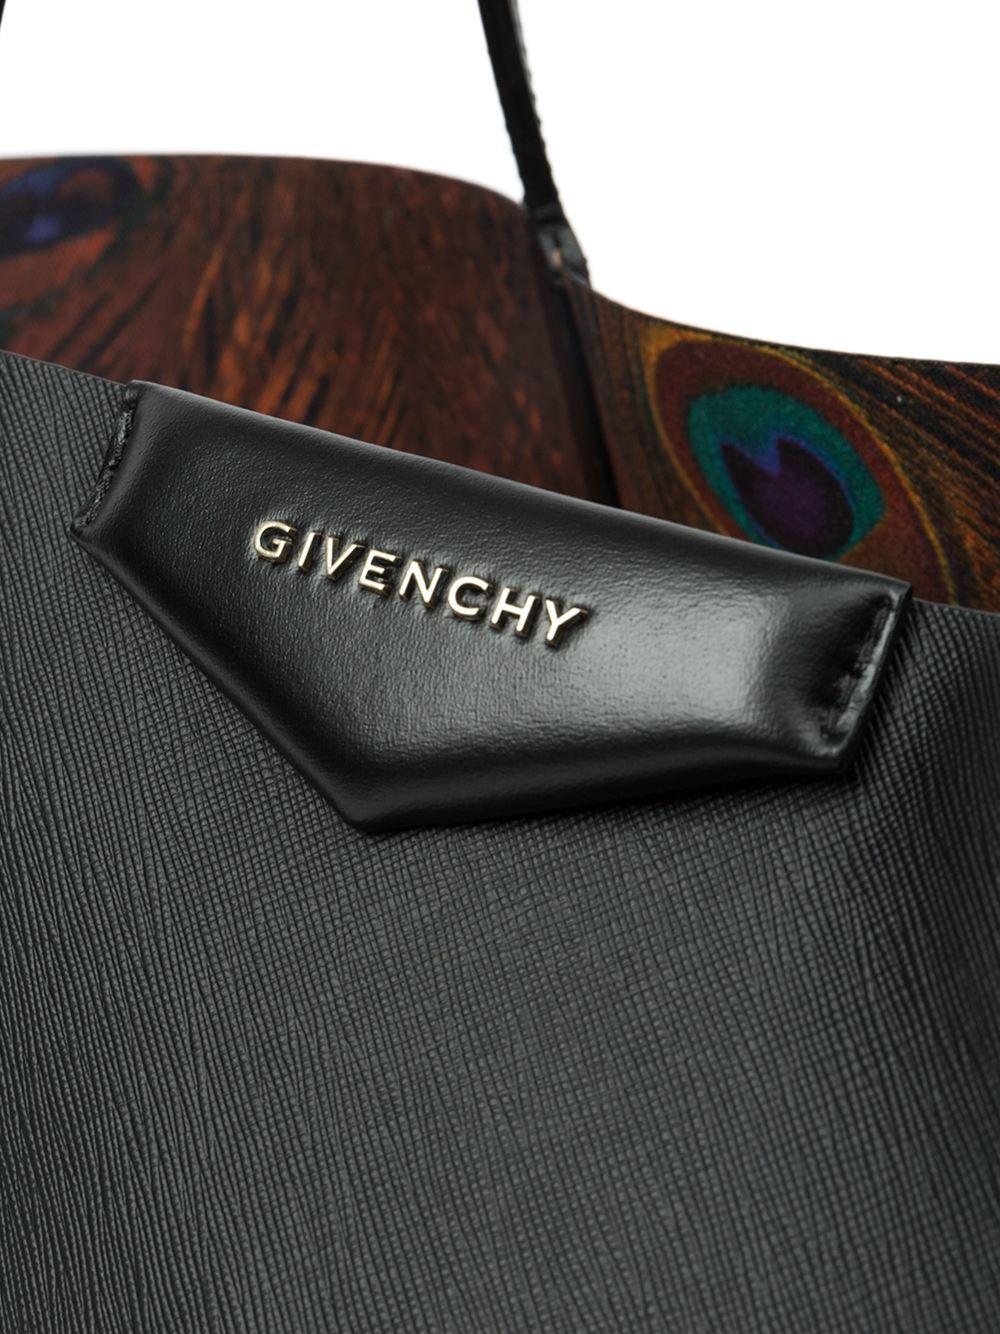 107c1fcfa7 Gallery. Previously sold at: Farfetch · Women's Givenchy Antigona